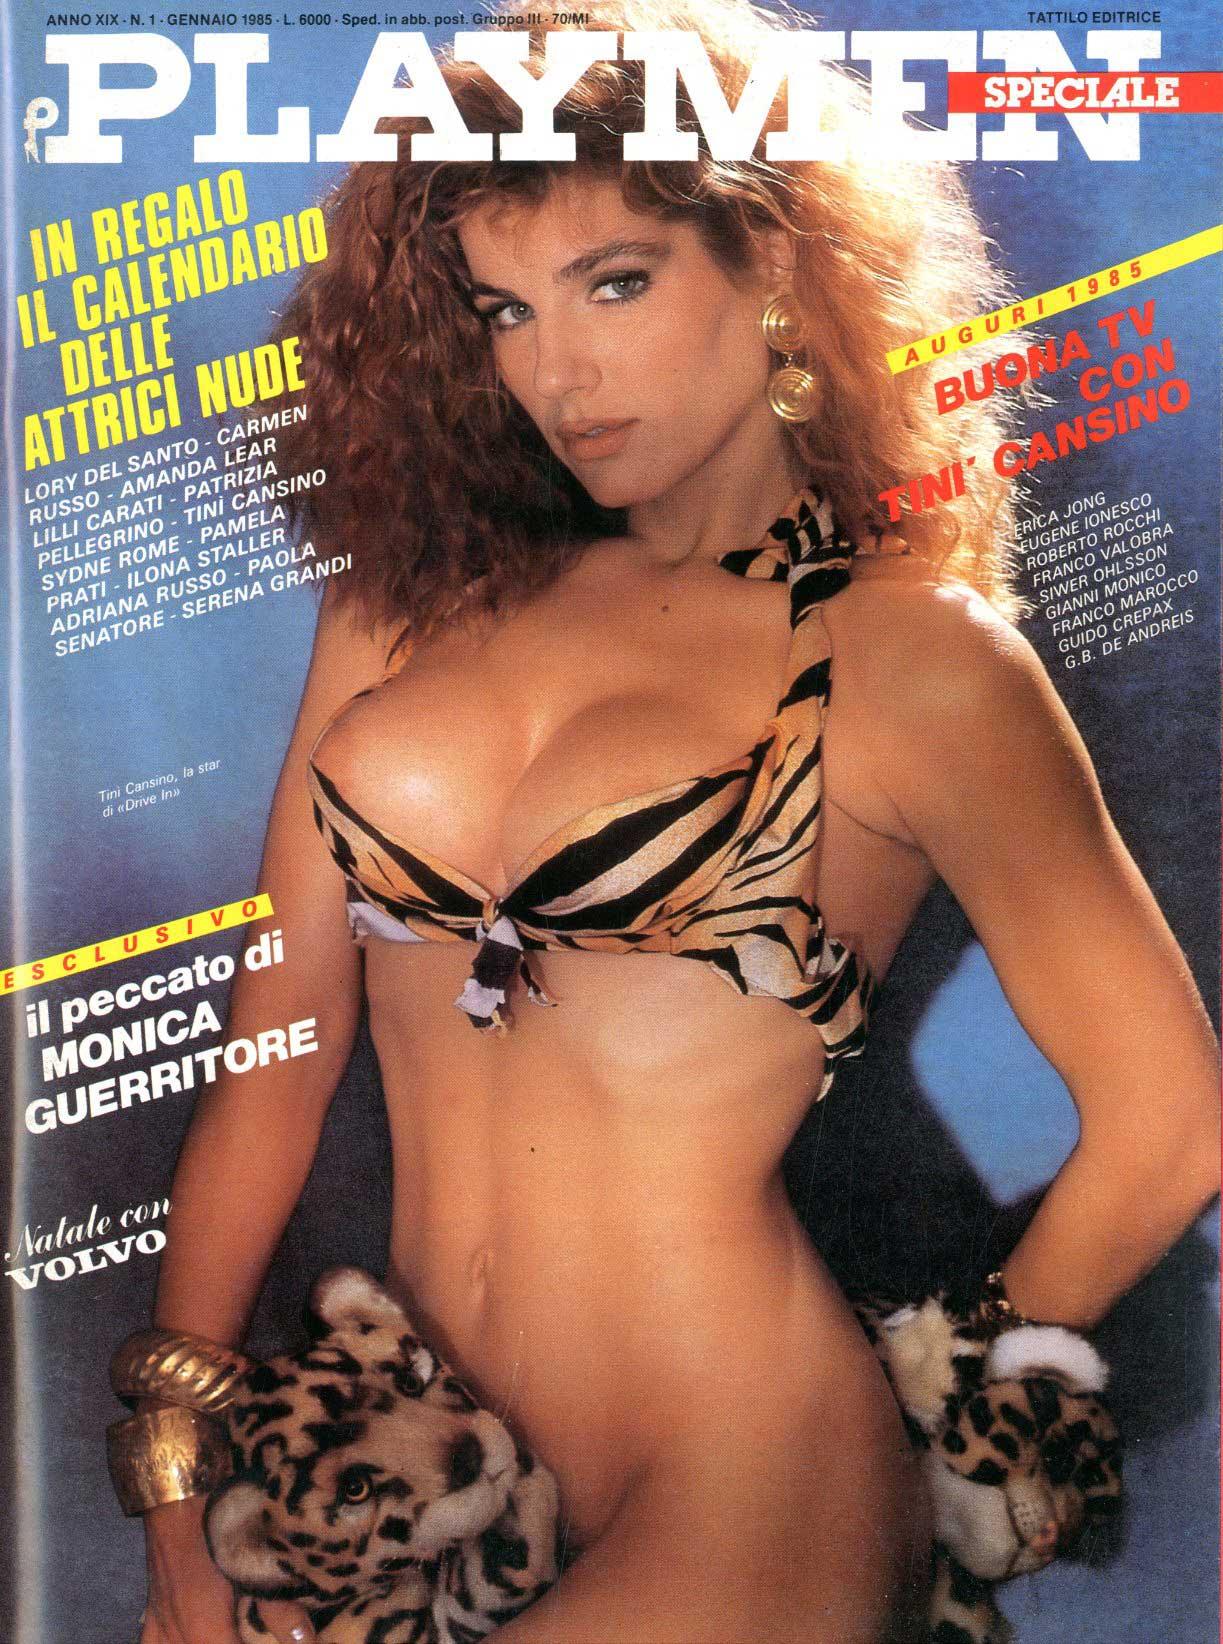 Serena Grandi Calendario.Tattilo Editrice Playmen 1985 Anno 19 1 Tini Cansino